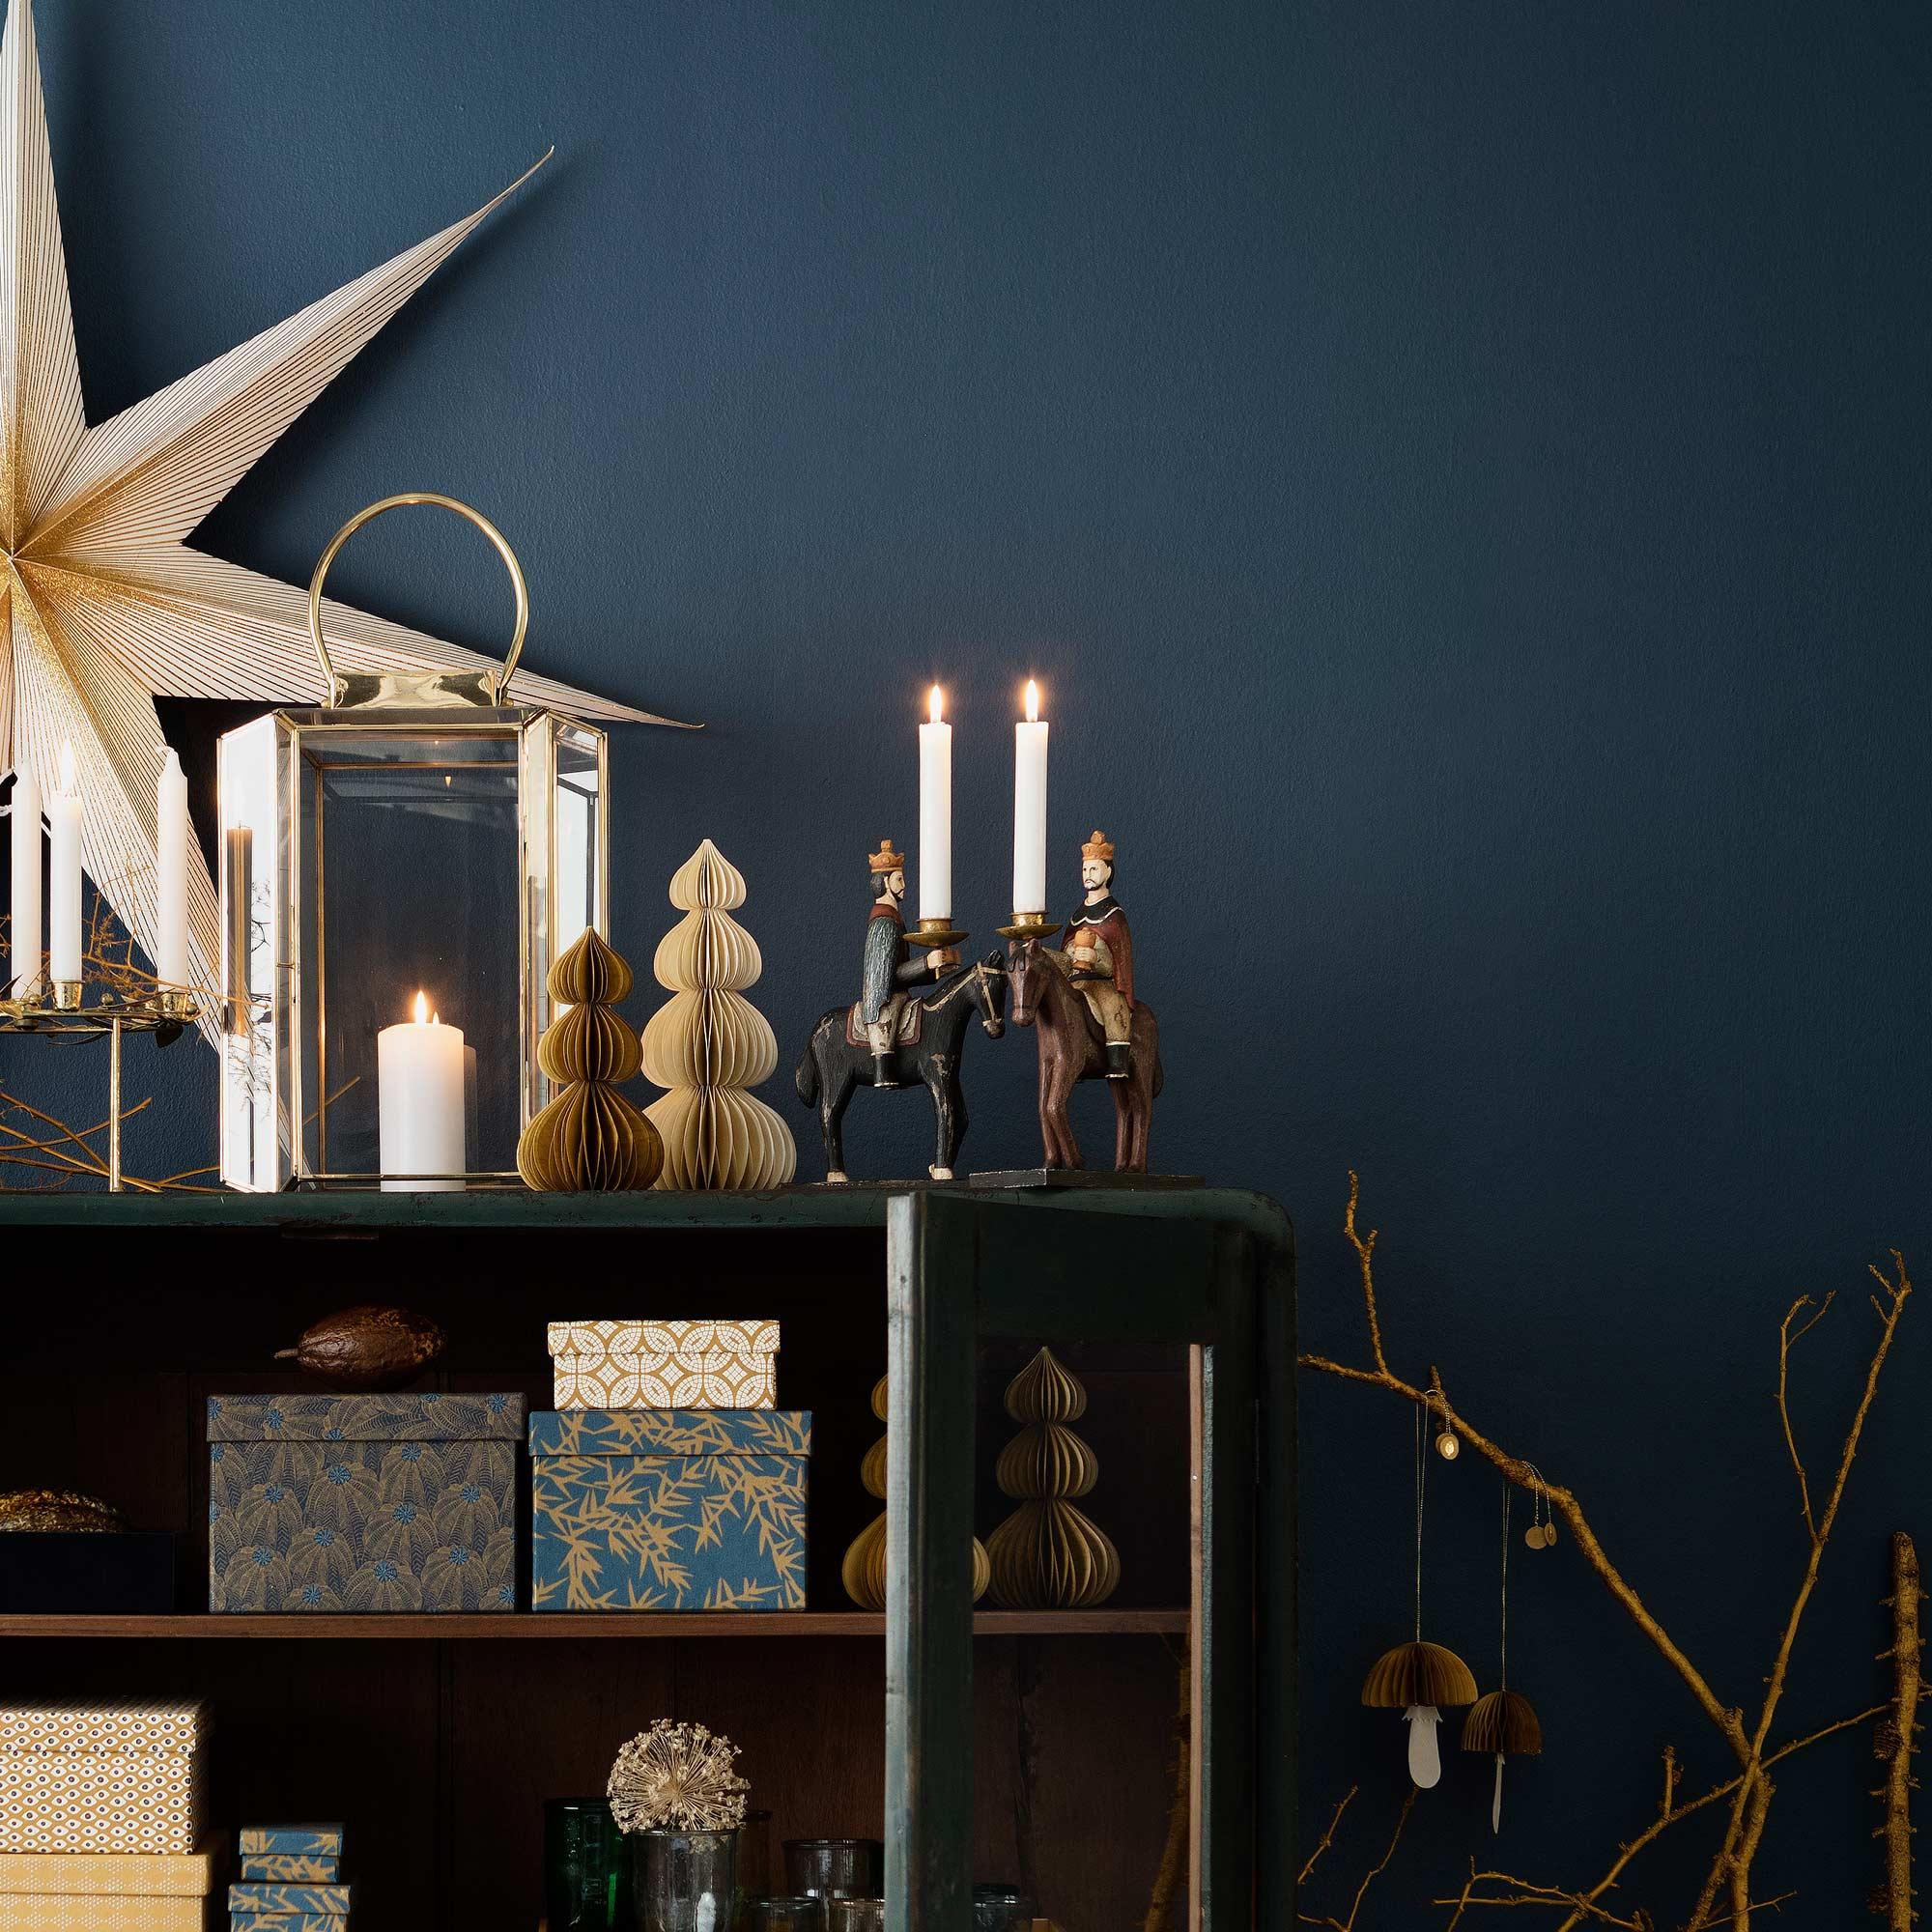 Kerzenhalter Heilige 3 Könige ♥ Farbige Holzfiguren♥ Skandinavische Deko für Weihnachten ♥ Xmas Trend 2019. Dekoration für Advent und Weihnachten   Online kaufen